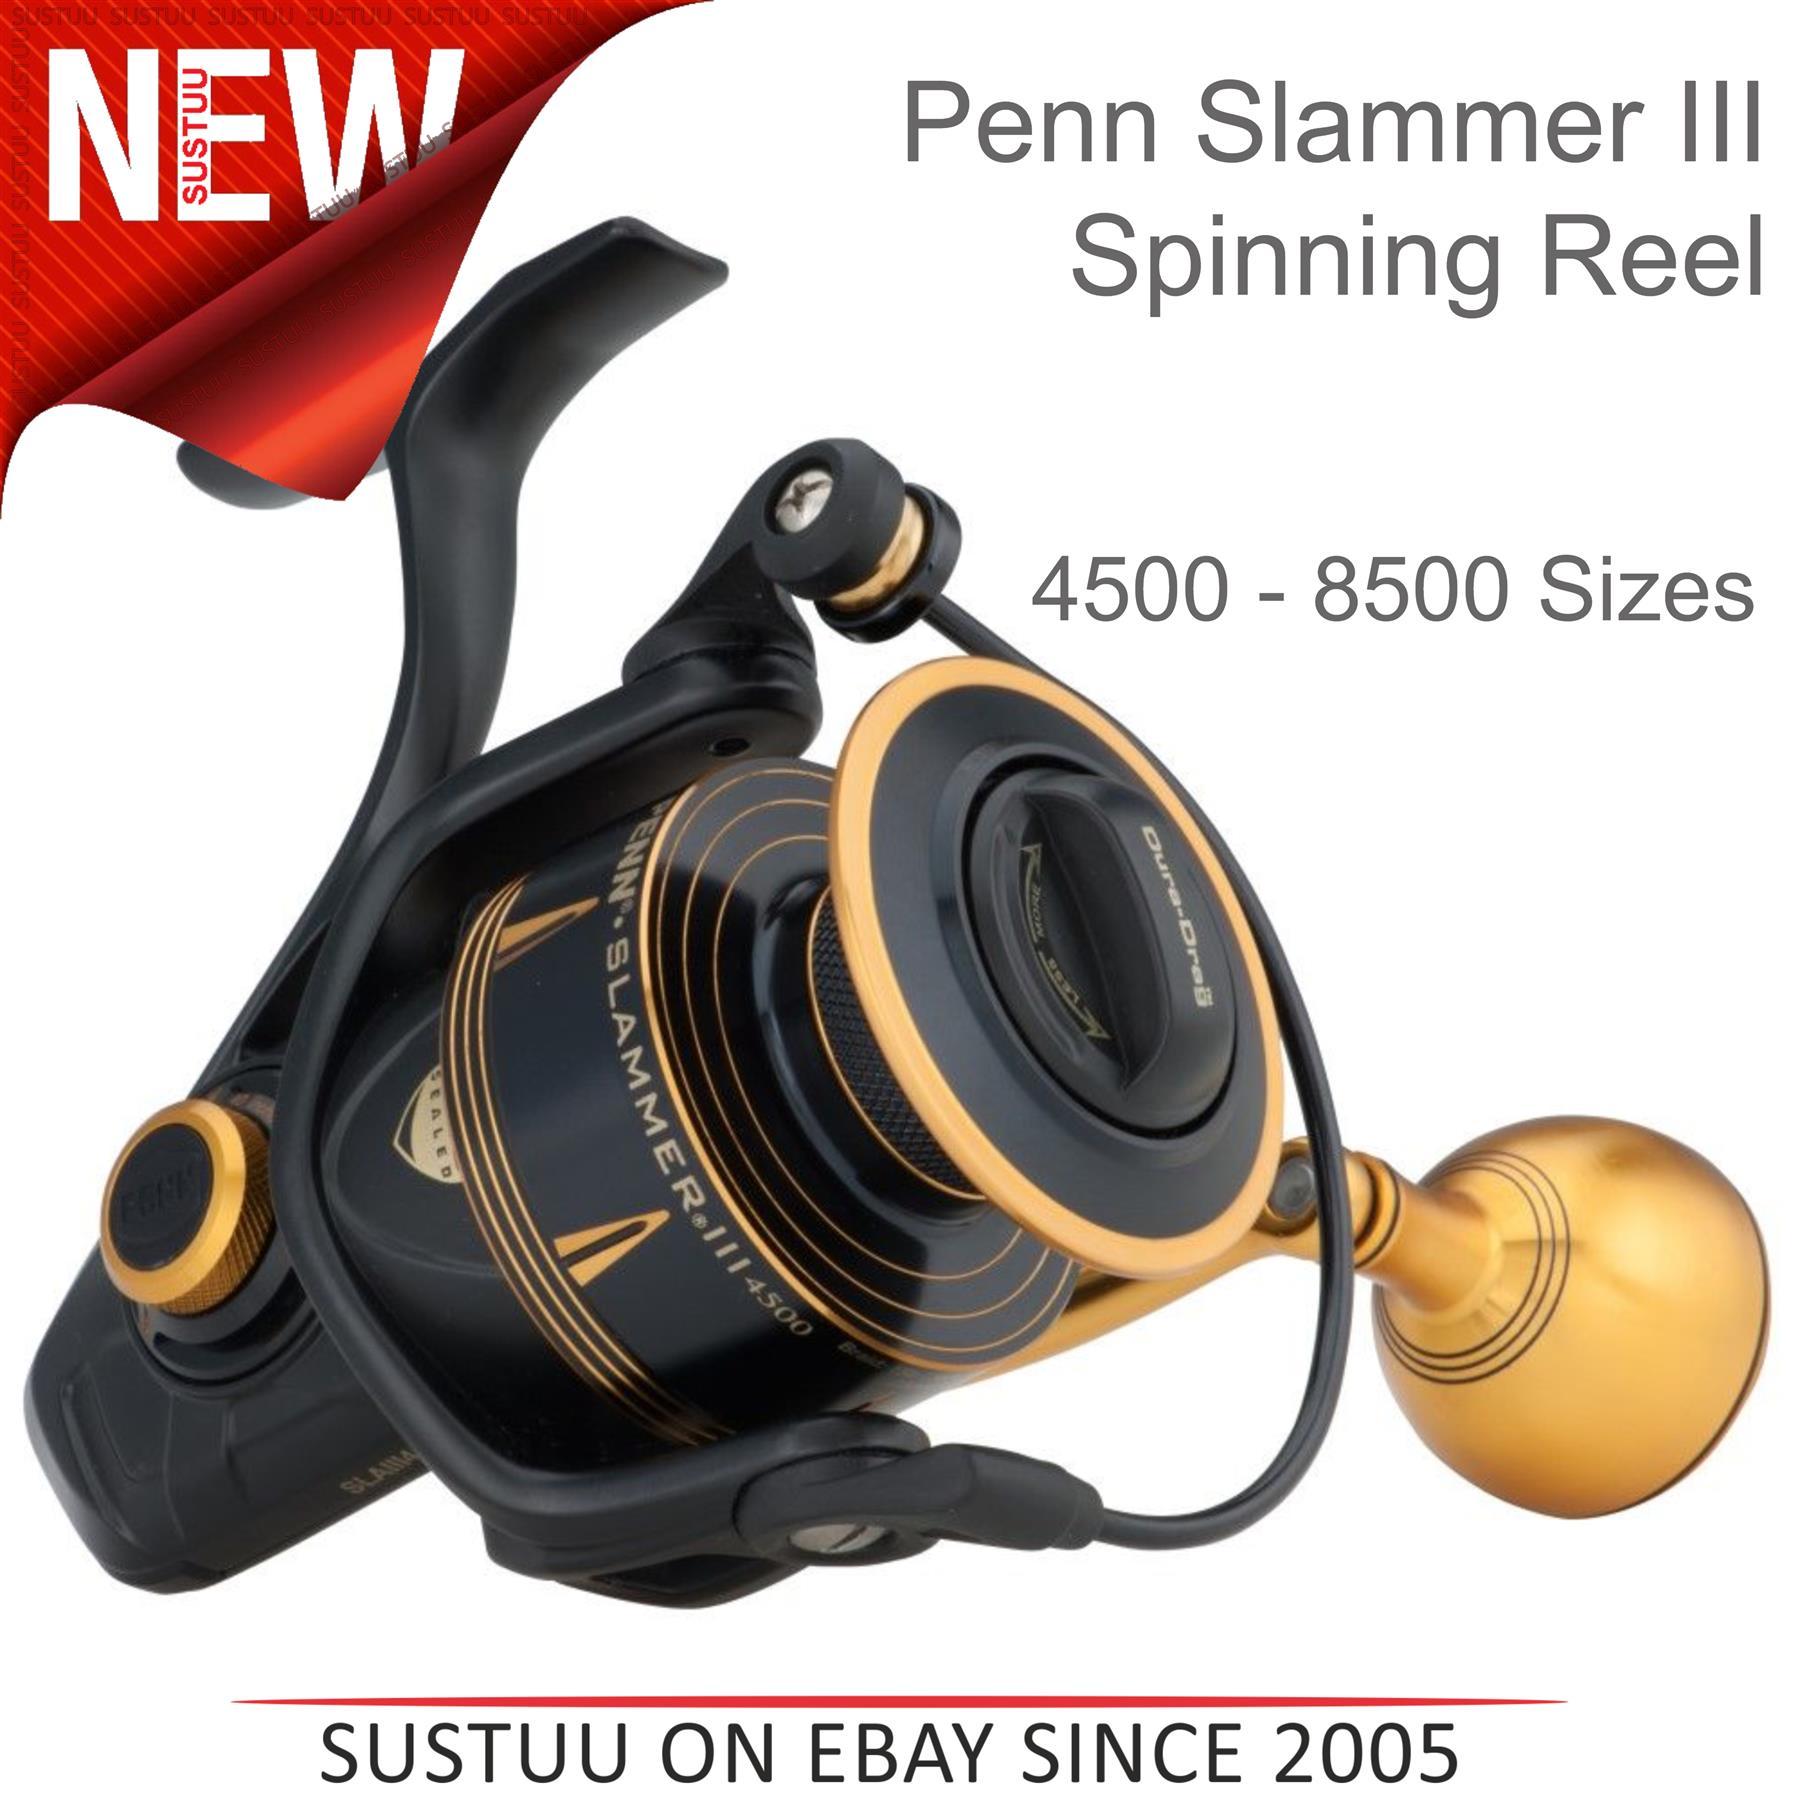 Penn Slammer III High Speed fixed sea fishing reel